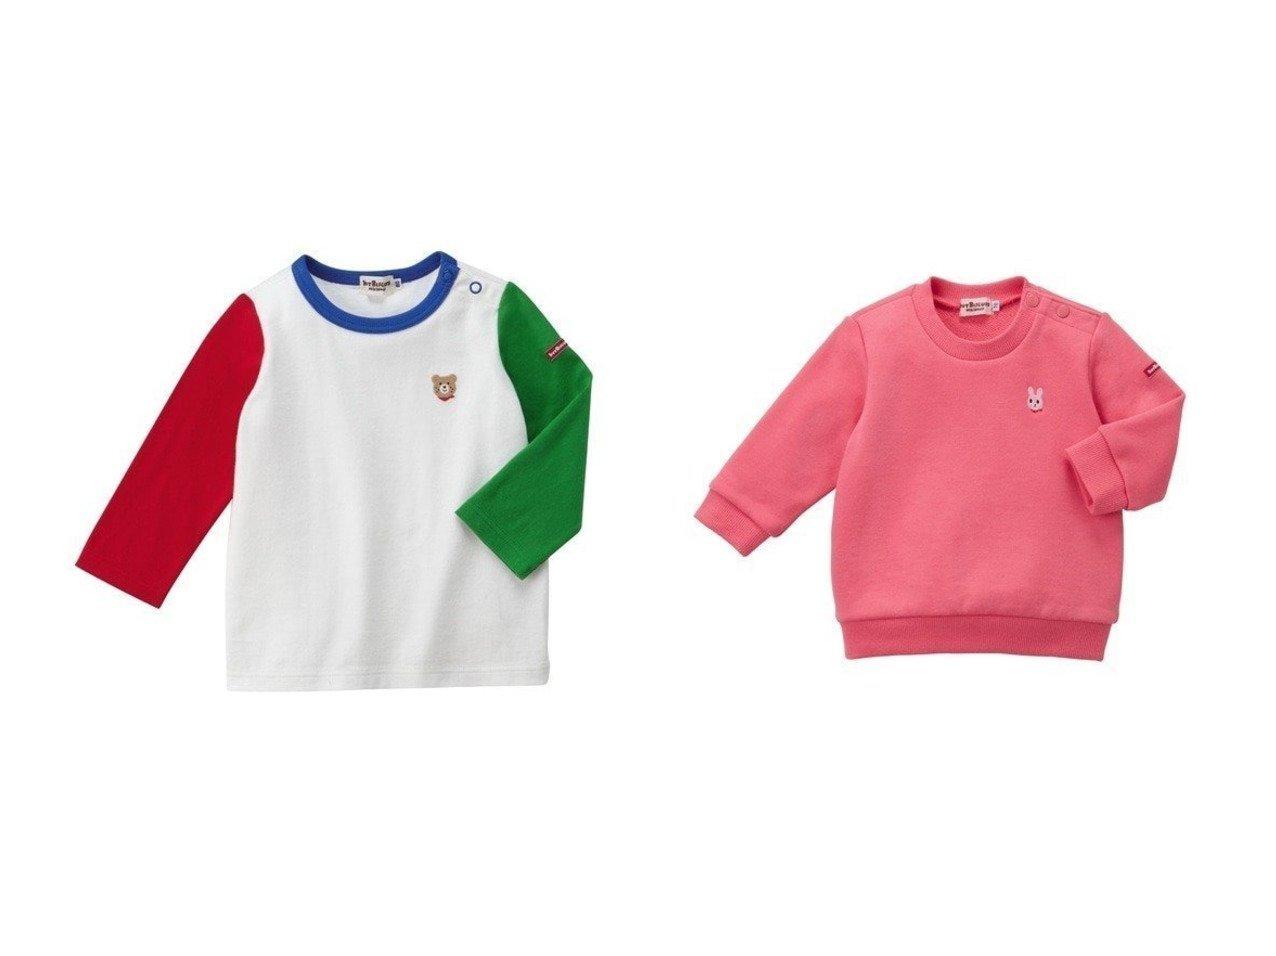 【MIKI HOUSE HOT BISCUITS / KIDS/ミキハウスホットビスケッツ】の【HOTBISCUITS】ワンポイントTシャツ&【HOTBISCUITS】ワンポイント刺繍トレーナー 【KIDS】子供服のおすすめ!人気トレンド・キッズファッションの通販 おすすめで人気の流行・トレンド、ファッションの通販商品 メンズファッション・キッズファッション・インテリア・家具・レディースファッション・服の通販 founy(ファニー) https://founy.com/ ファッション Fashion キッズファッション KIDS トップス Tops Tees Kids シンプル スタンダード セパレート ベビー ワンポイント 長袖 トレーナー  ID:crp329100000009018